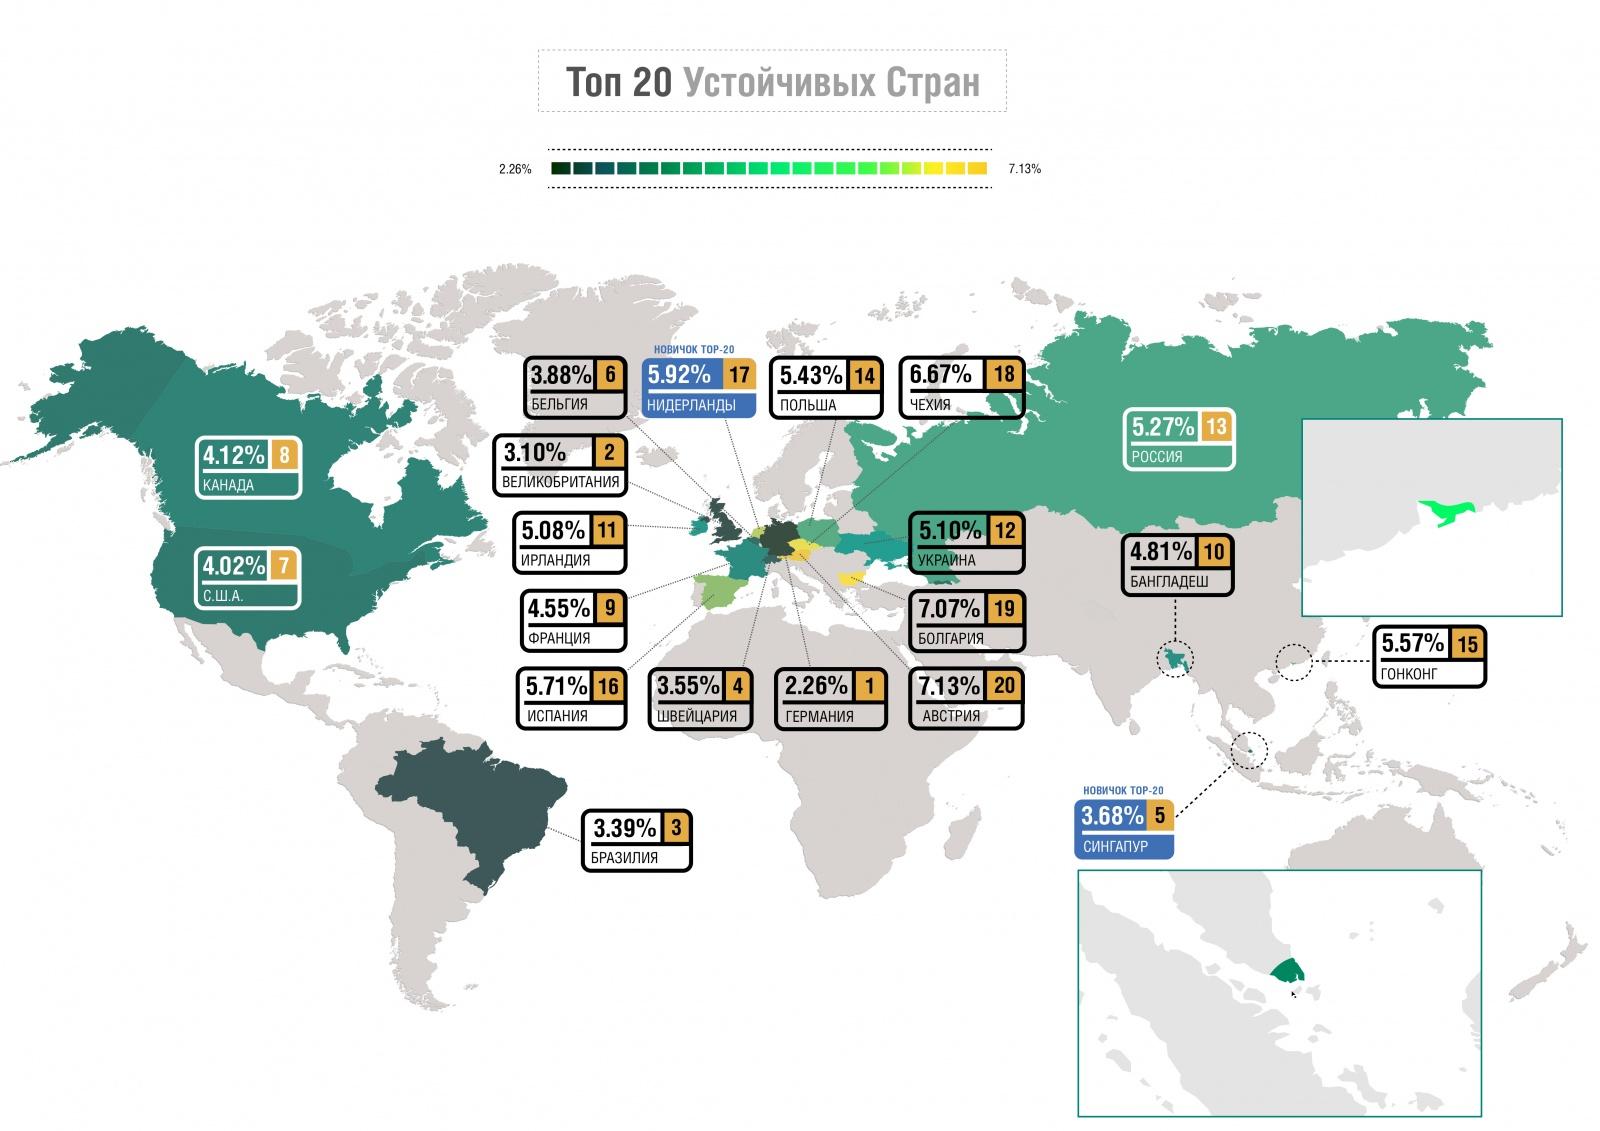 Исследование устойчивости национальных сегментов сети Интернет за 2018 год - 1